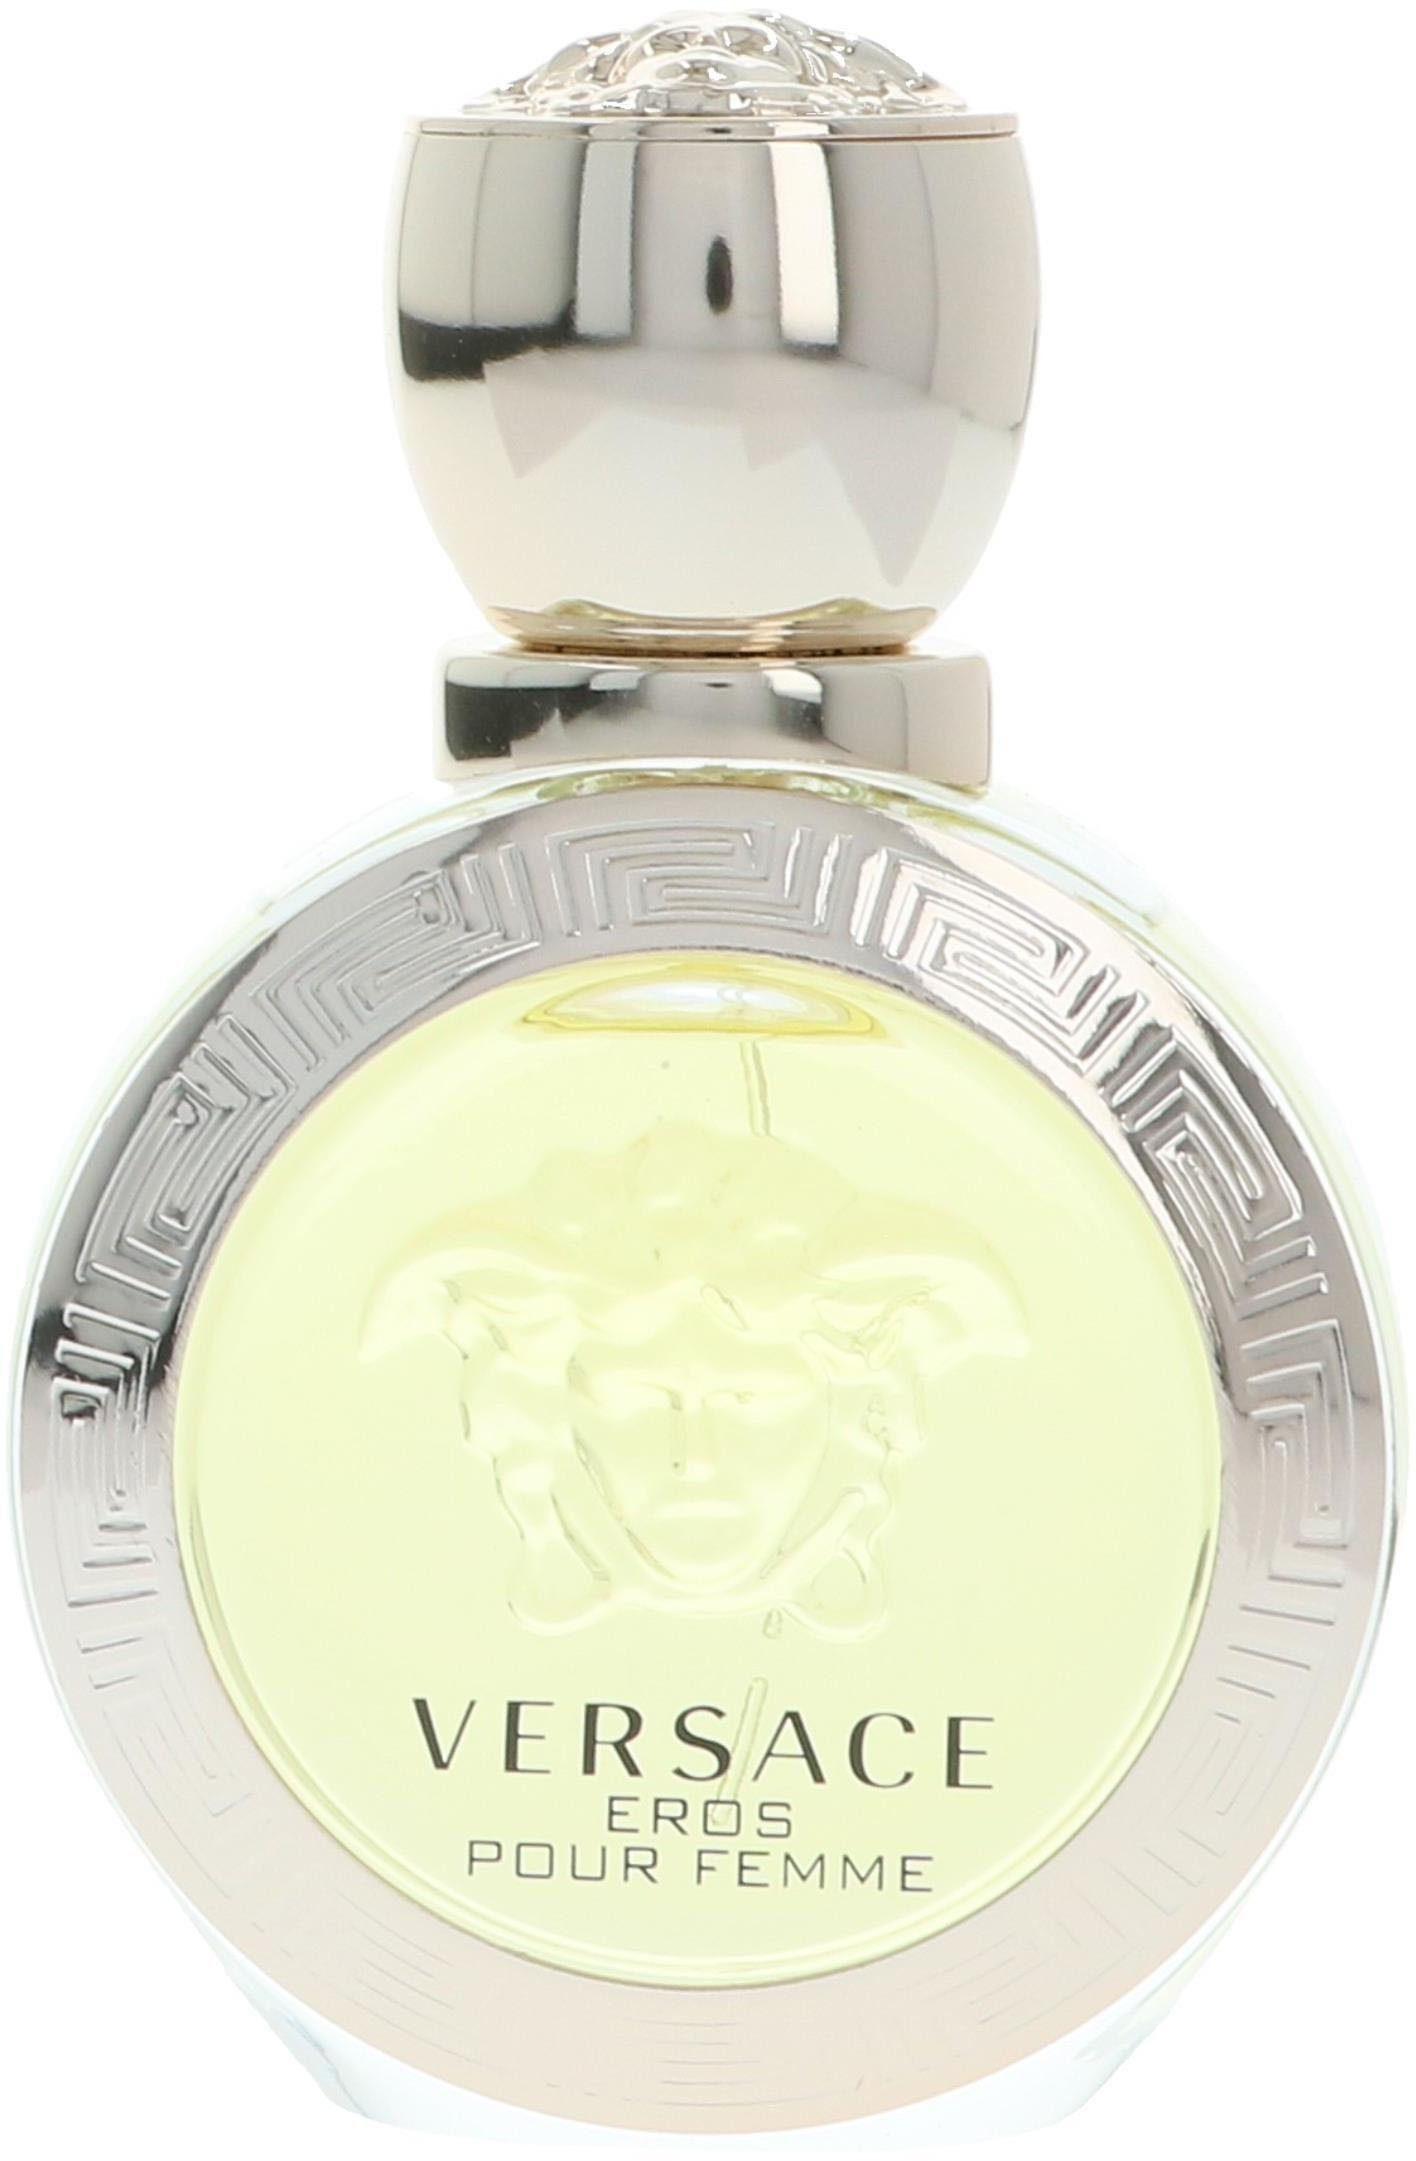 Versace, »Eros pour Femme«, Eau de Toilette